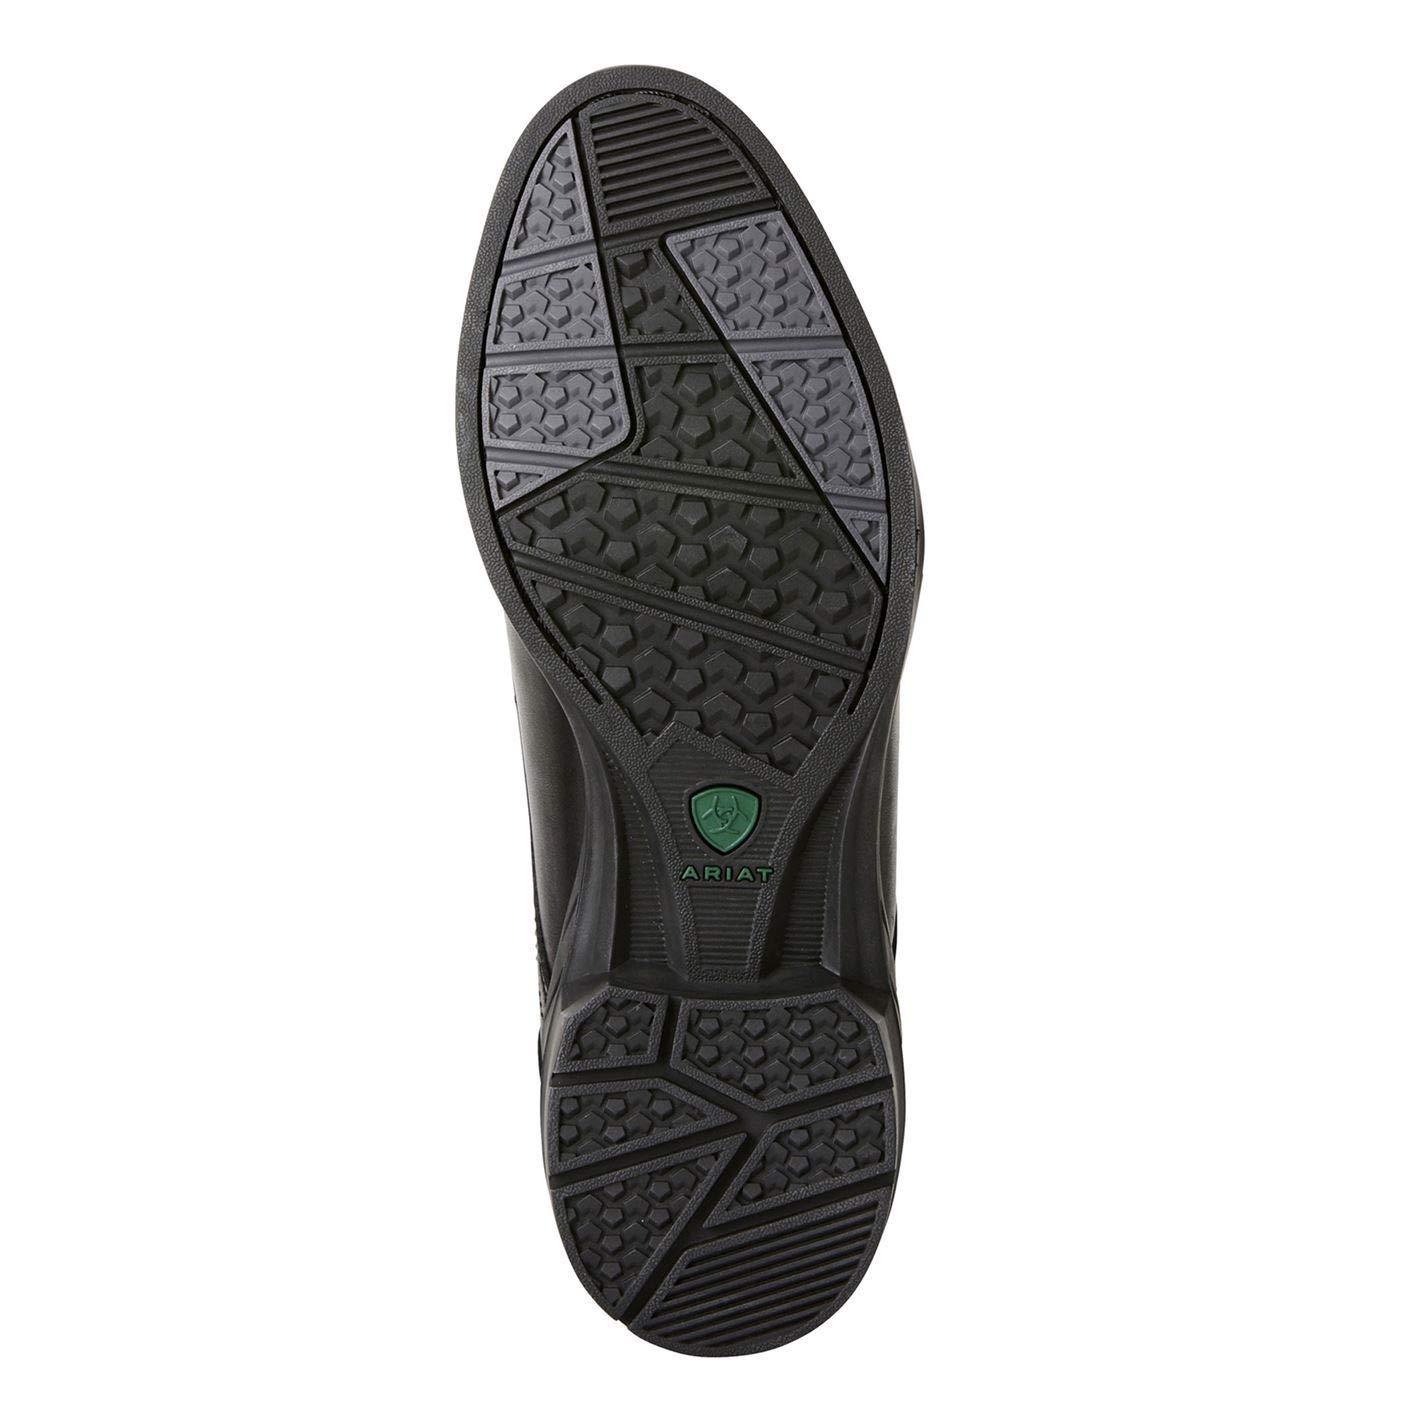 Noir, ARIAT H/éritage LV Lacets Paddock Bottes Noir pour Femmes Chaussures Chaussures UK6 US8.5 EU39